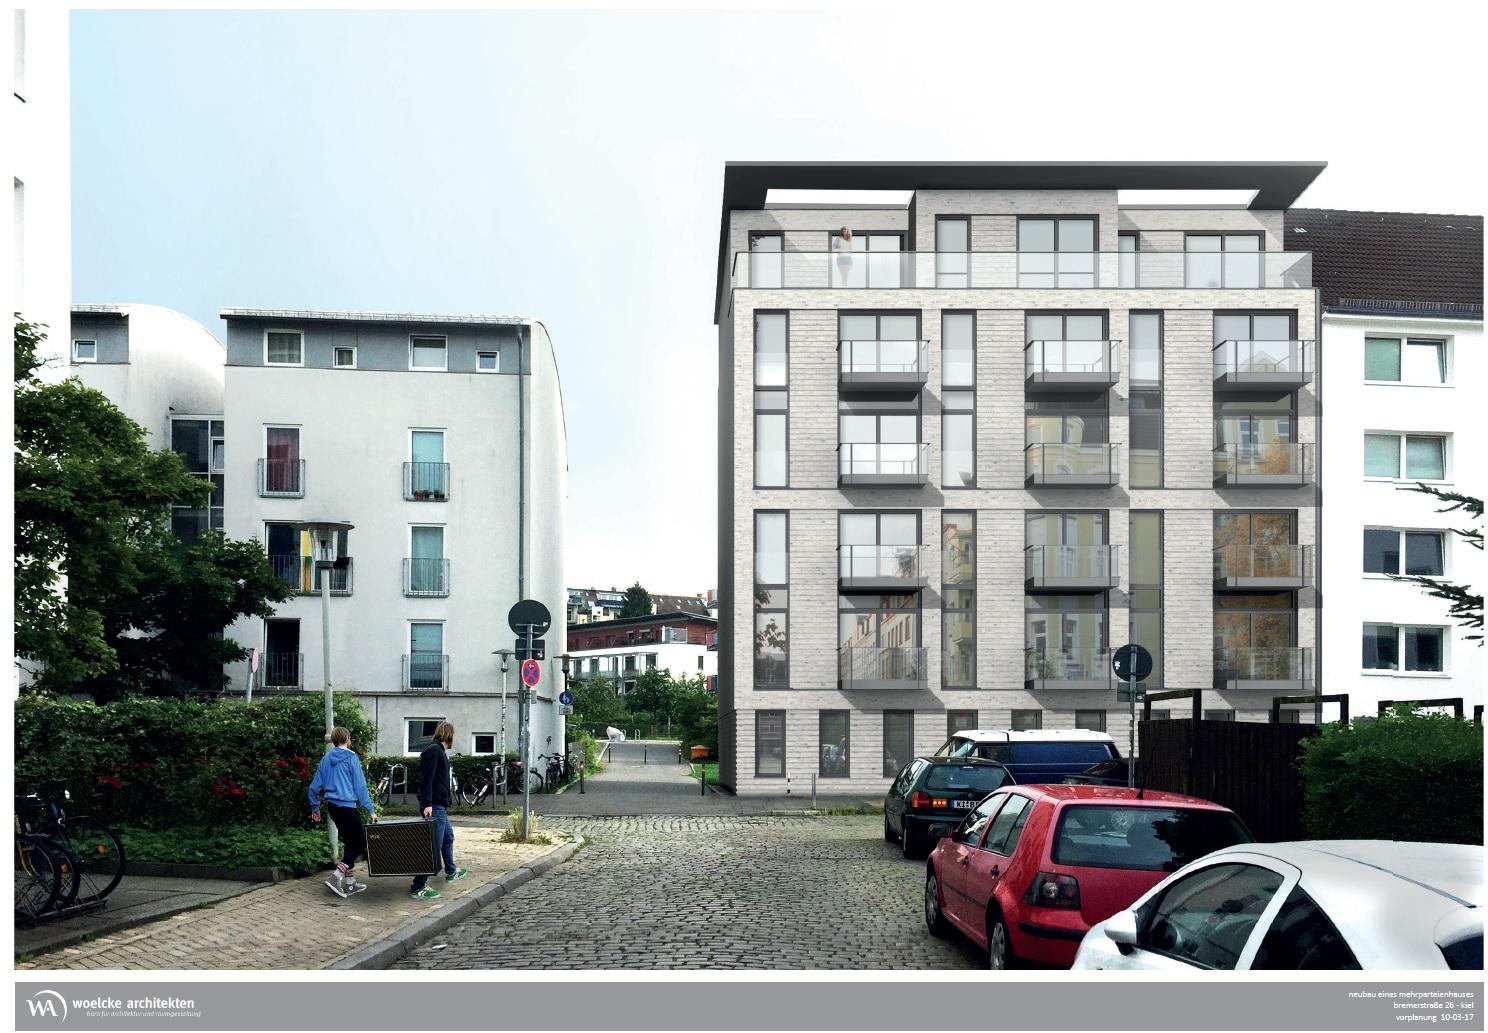 Wohnträume schaffen / Mietwohnungs-Neubau in der Bremerstraße 26, Kiel (ALLE WOHNUNGEN BEREITS VERGEBEN!)🆕🏰